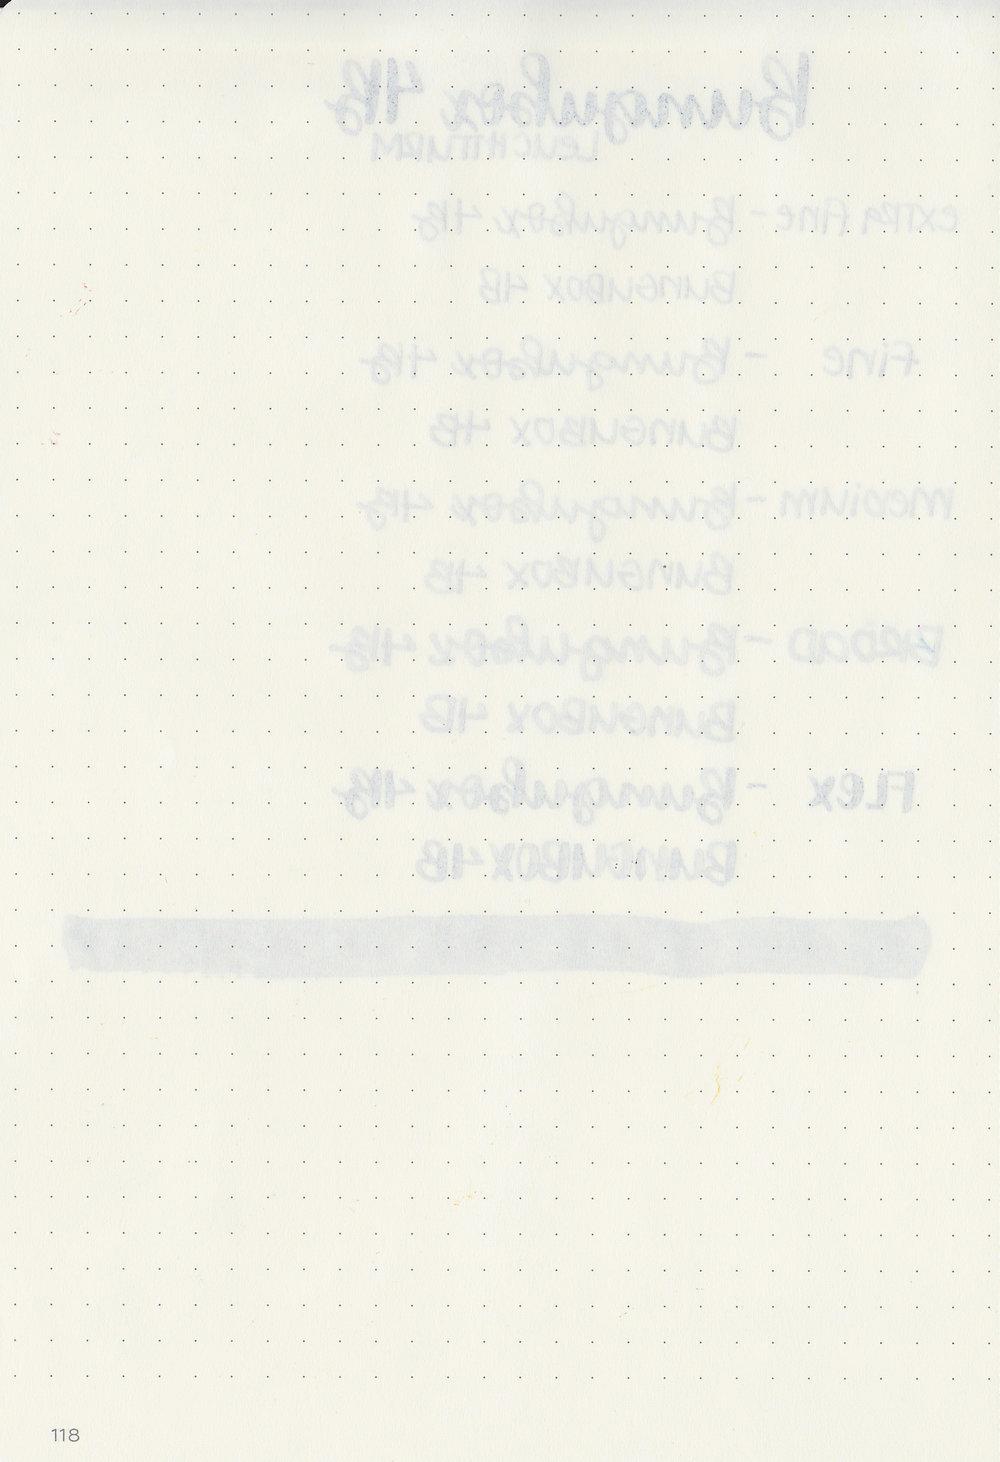 bb-4b-11.jpg